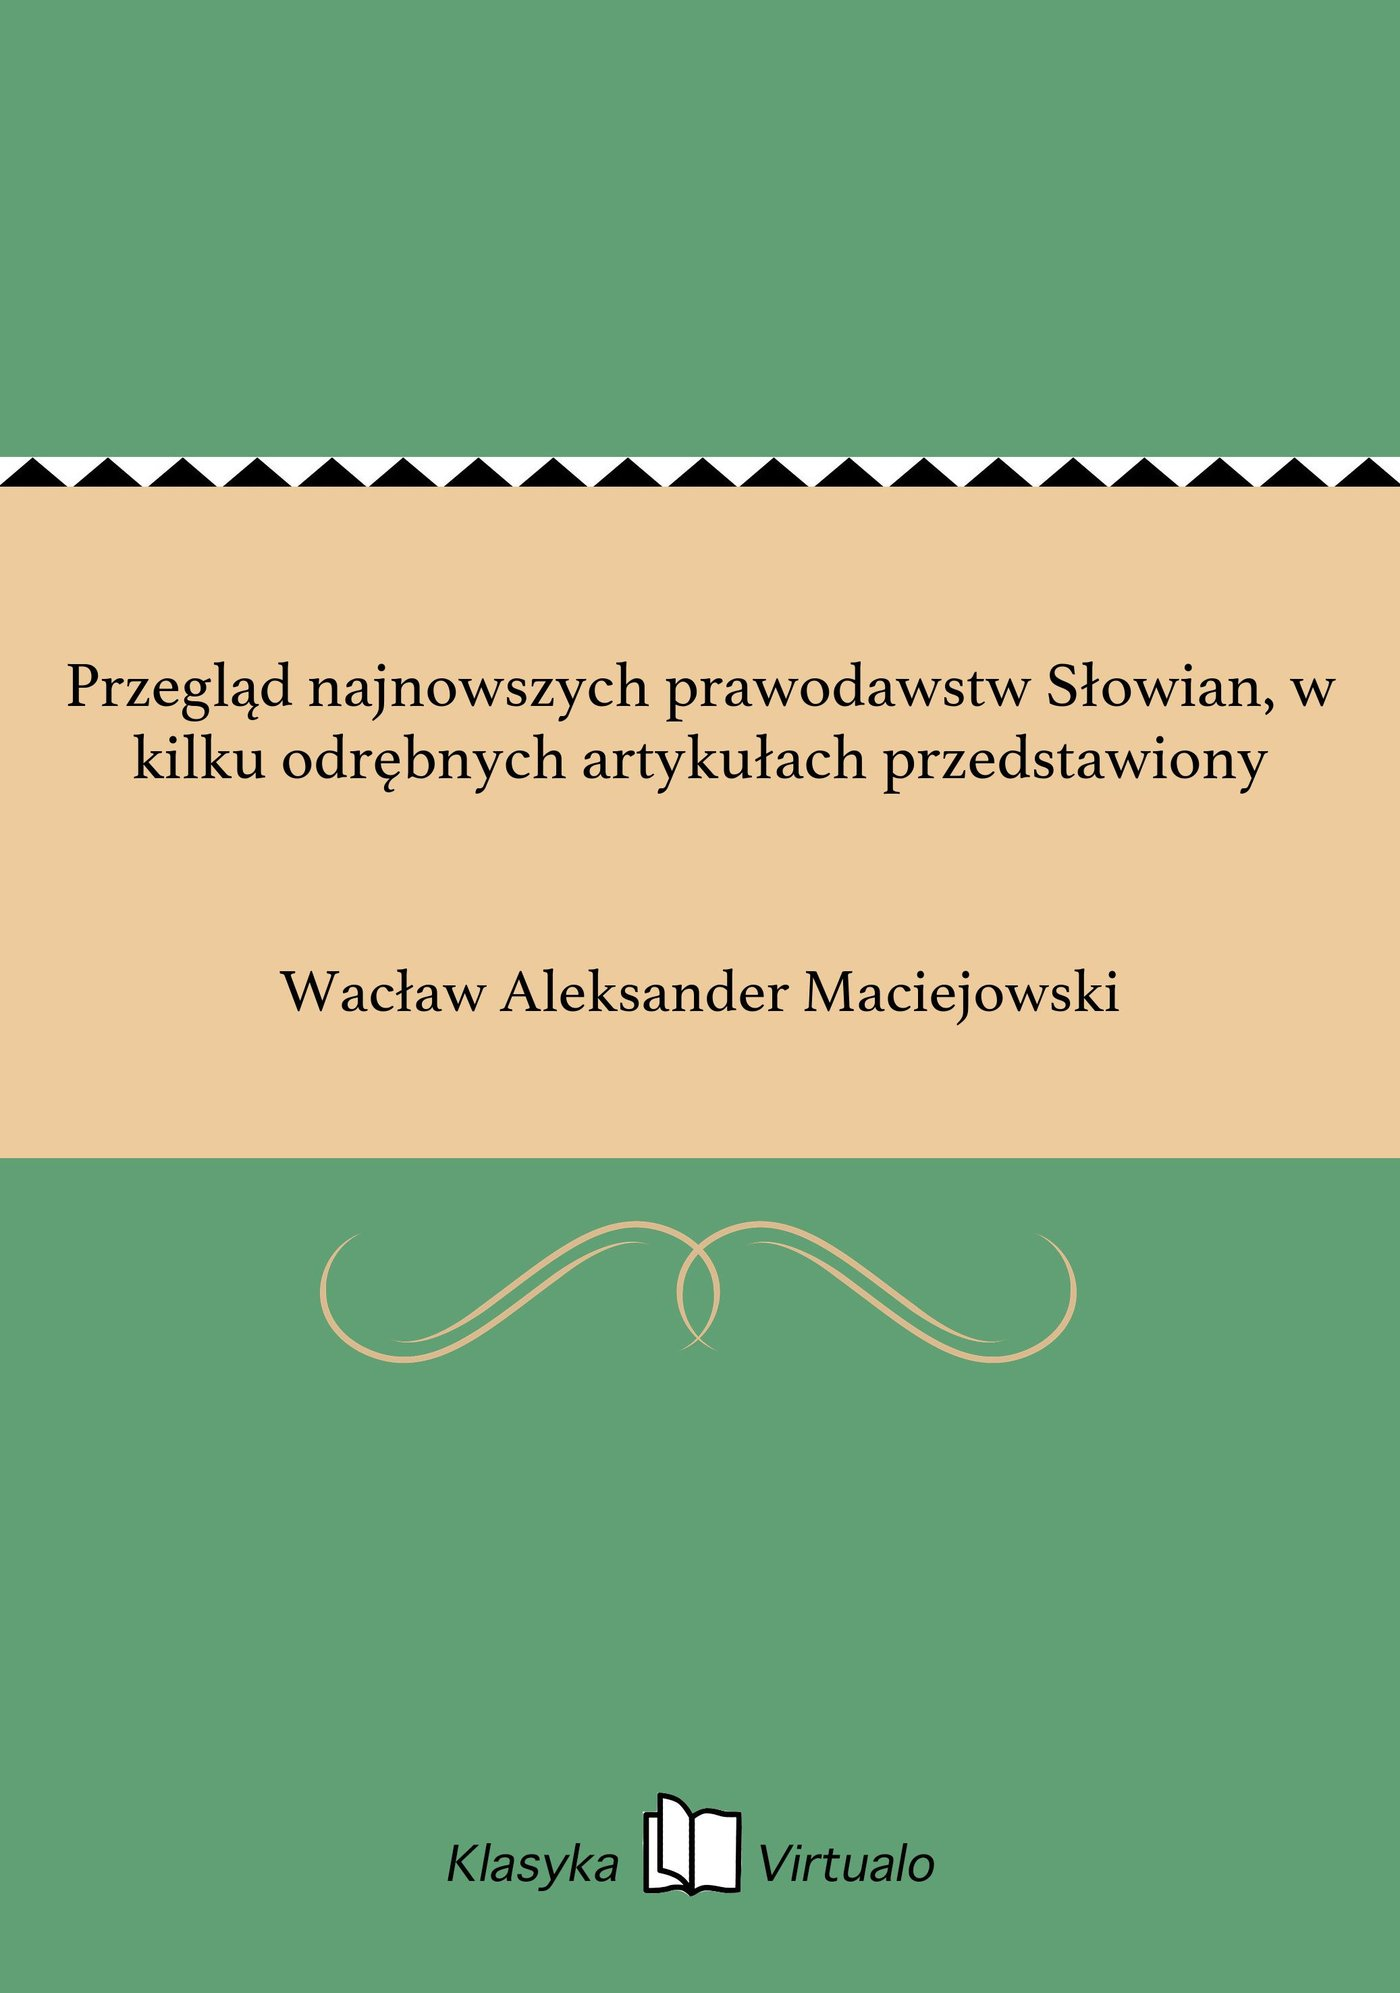 Przegląd najnowszych prawodawstw Słowian, w kilku odrębnych artykułach przedstawiony - Ebook (Książka EPUB) do pobrania w formacie EPUB